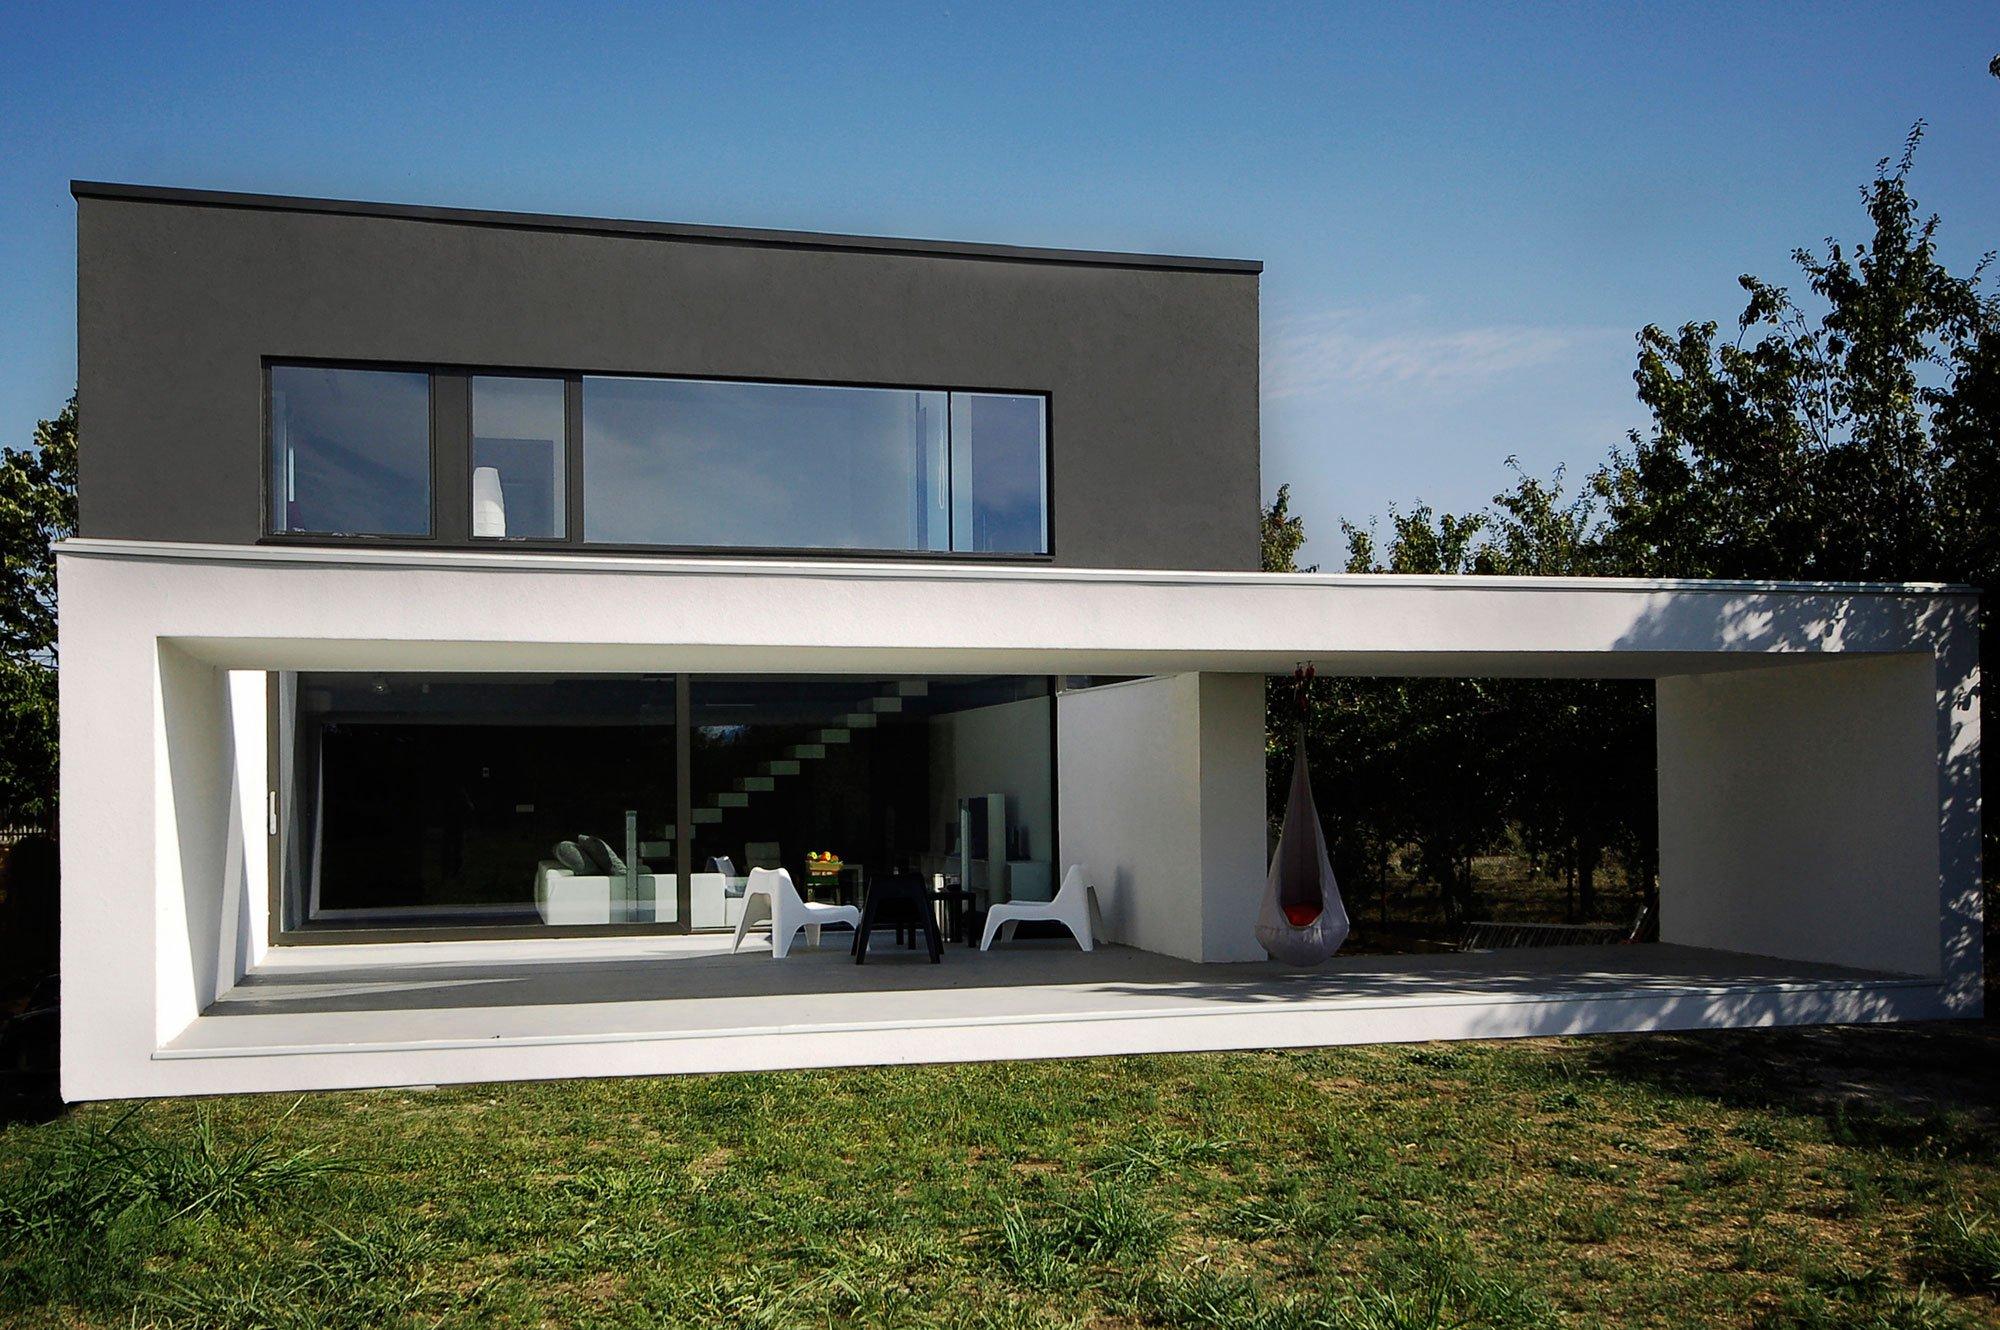 Fachada de casa de dos pisos en blanco y negro android - Fachada de casa ...